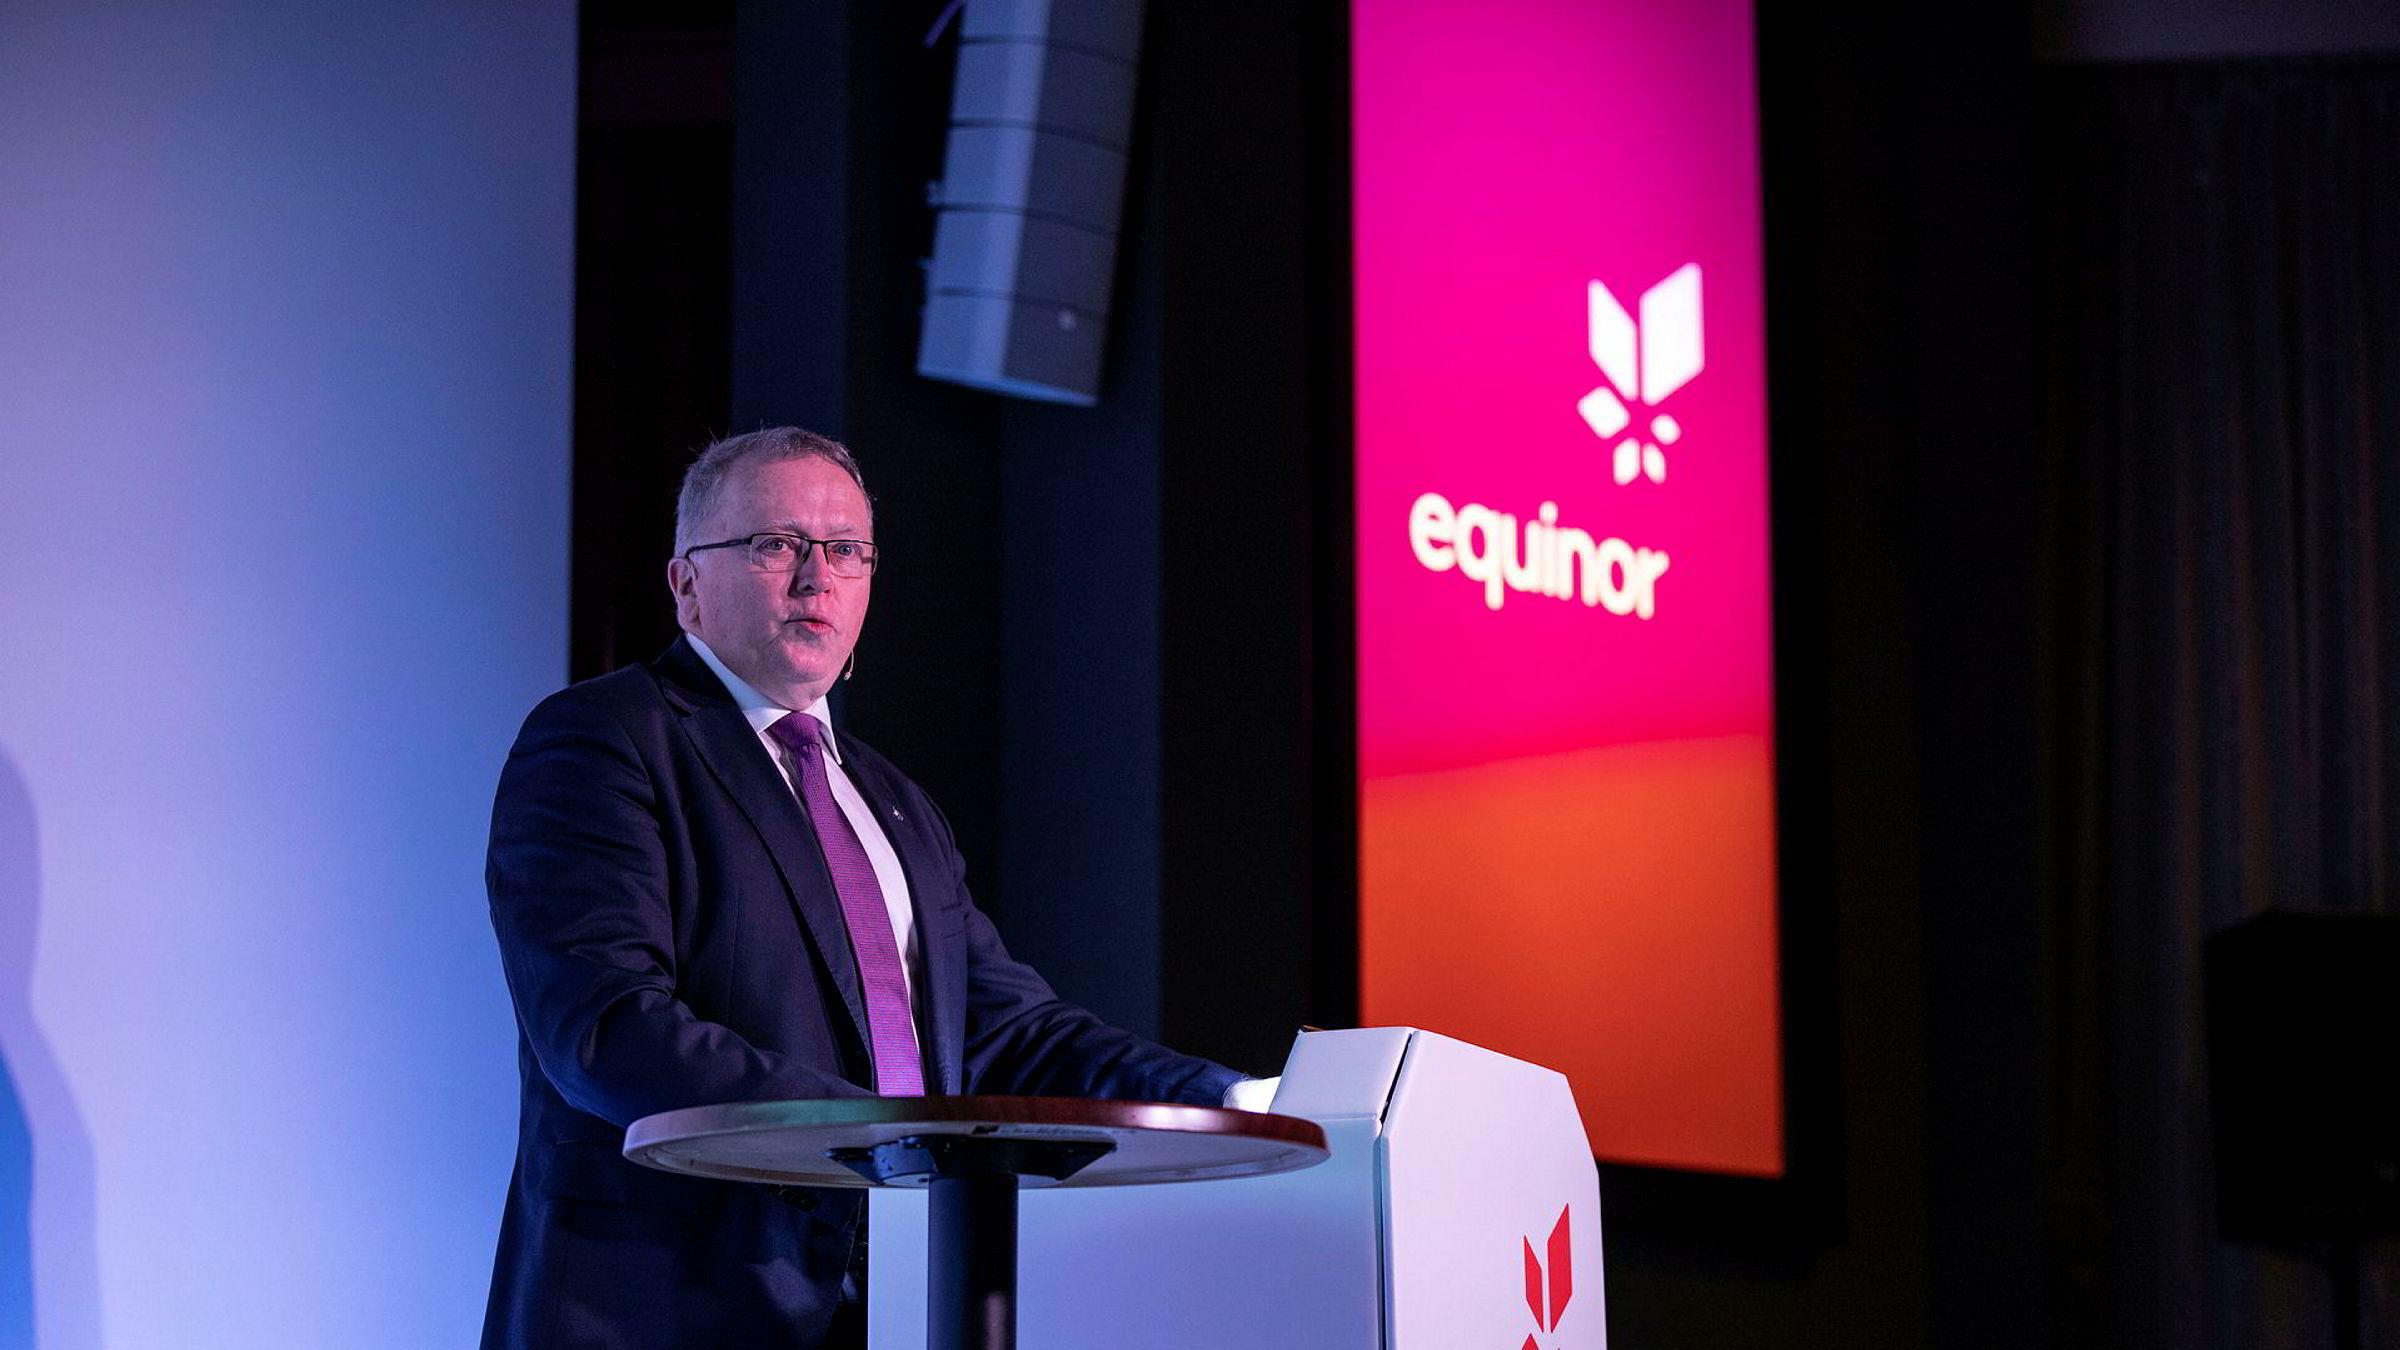 Det er betydelig klimarisiko ved Equinors utenlandsvirksomhet, skriver artikkelforfatteren. Konsernsjef Eldar Sætre la i forrige uke frem både resultater for fjerde kvartal og nye klimaambisjoner.